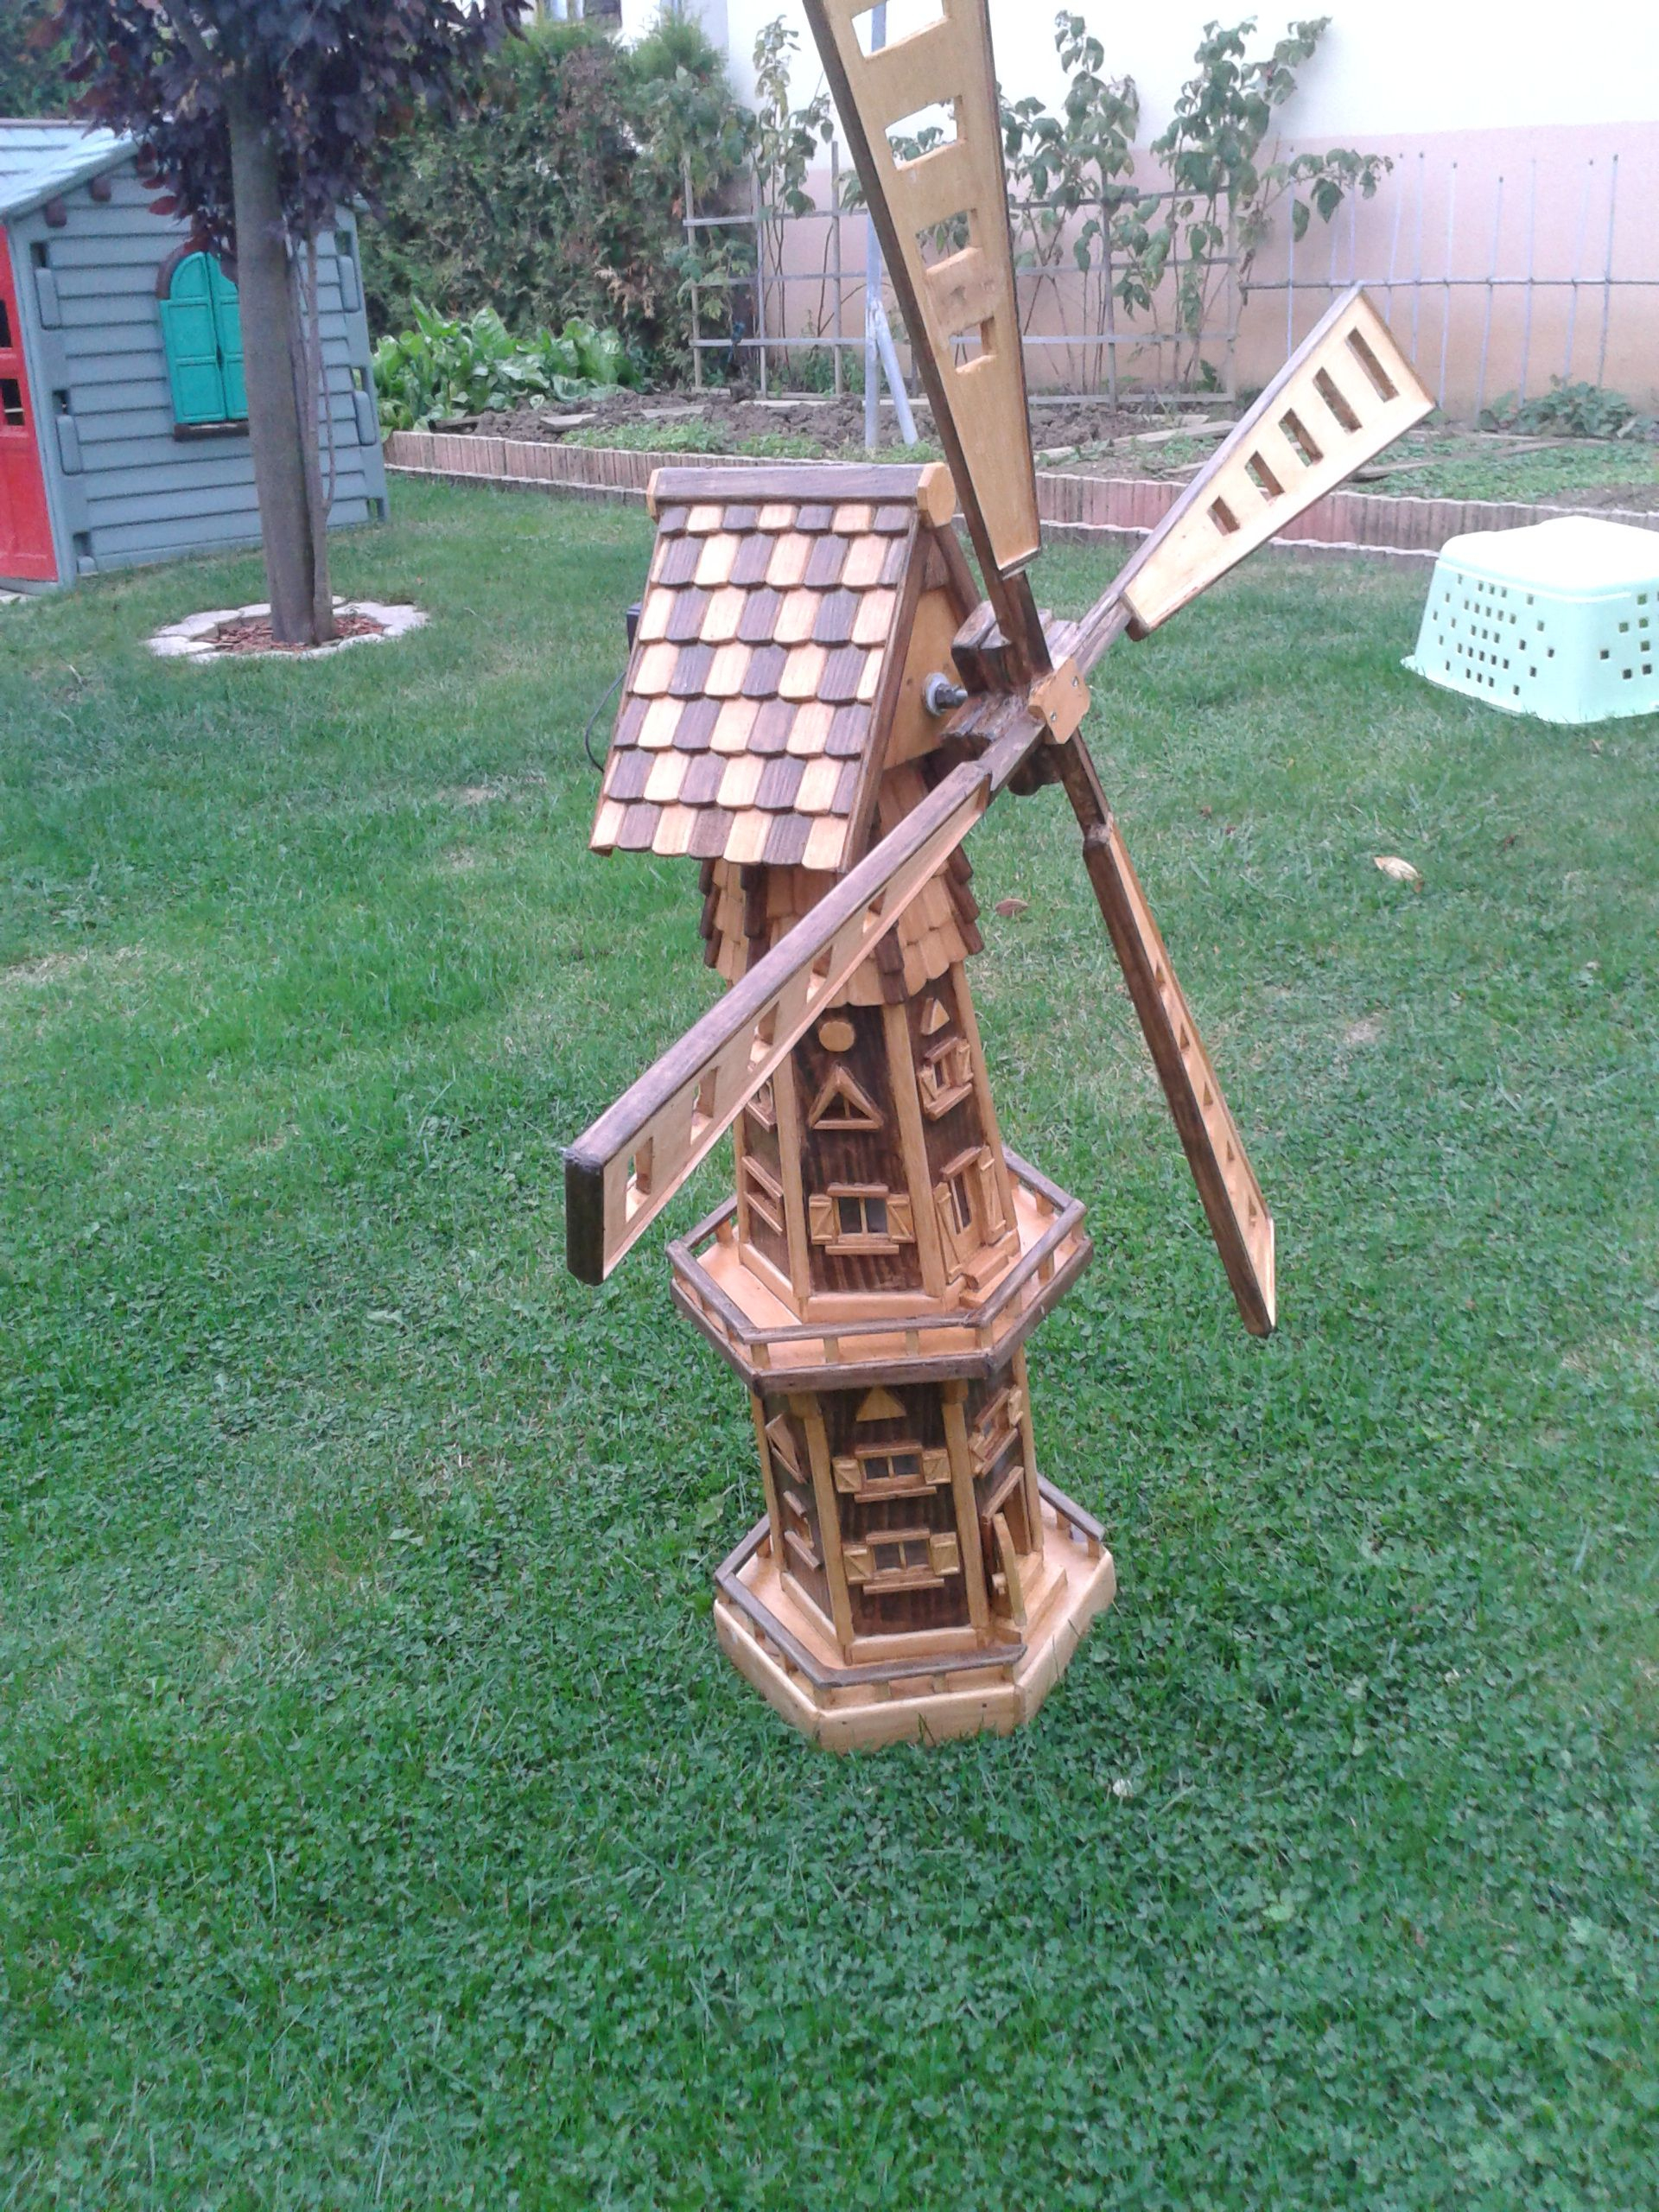 Épinglé Par Serge Lefondeur Sur Moulin A Vent De Jardin En ... concernant Construire Un Moulin A Vent De Jardin